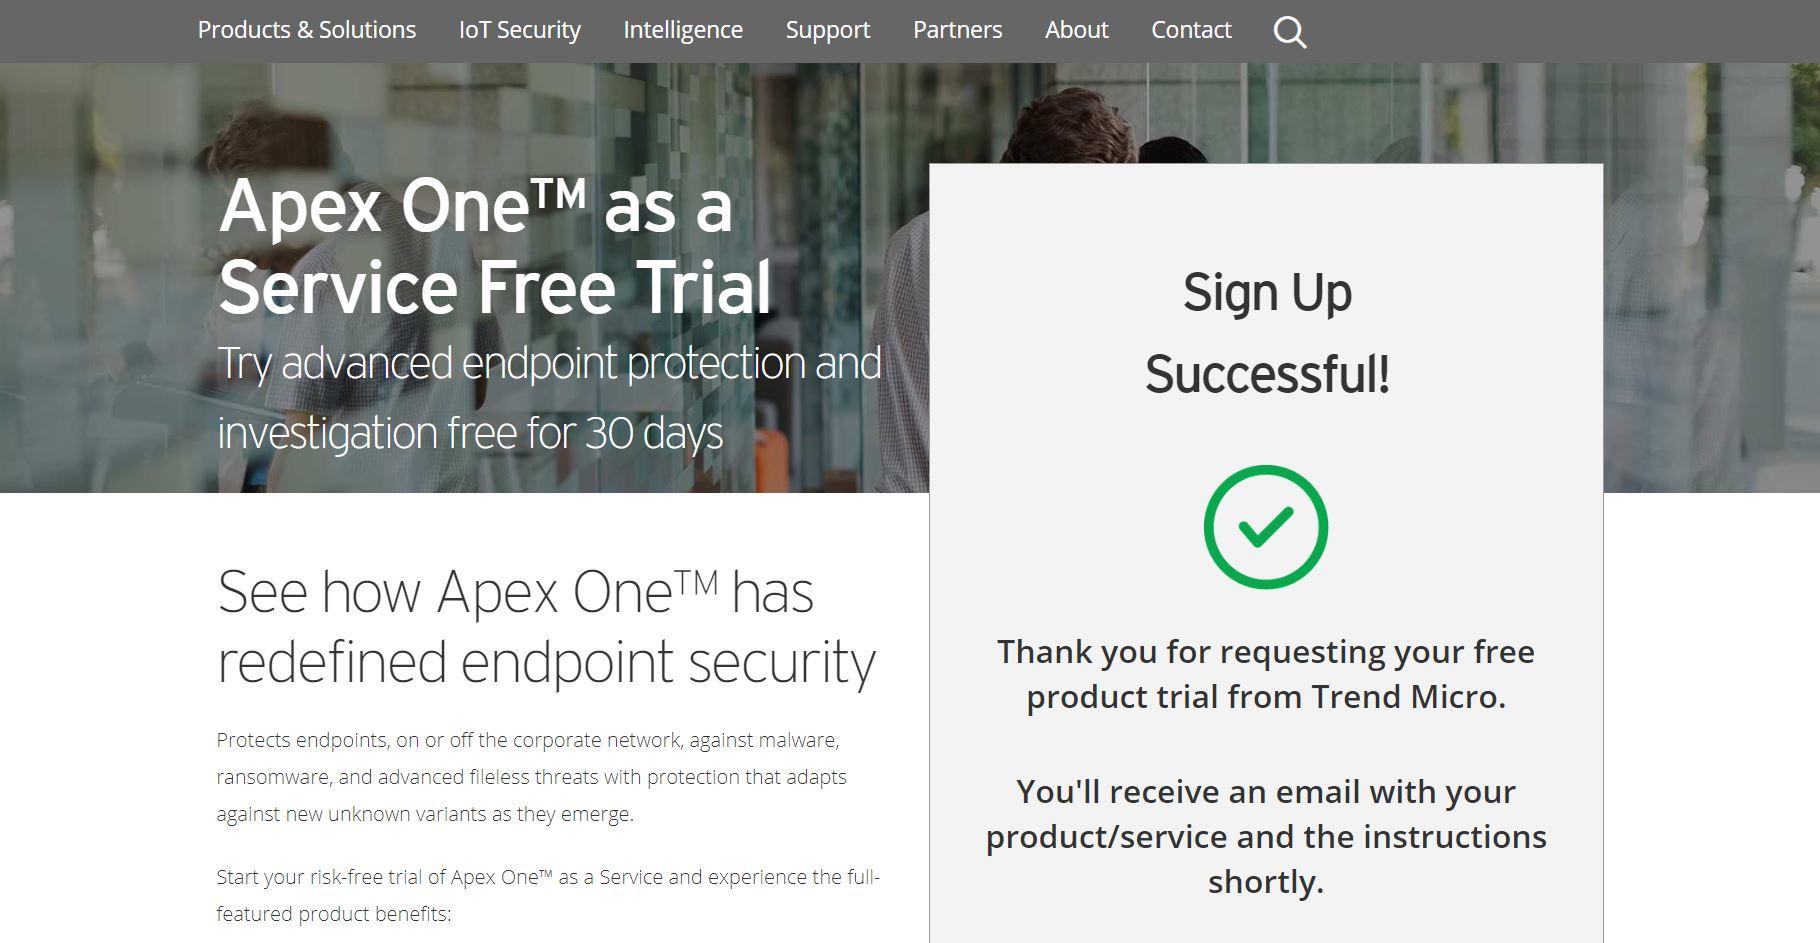 Apex One SaaS Trial